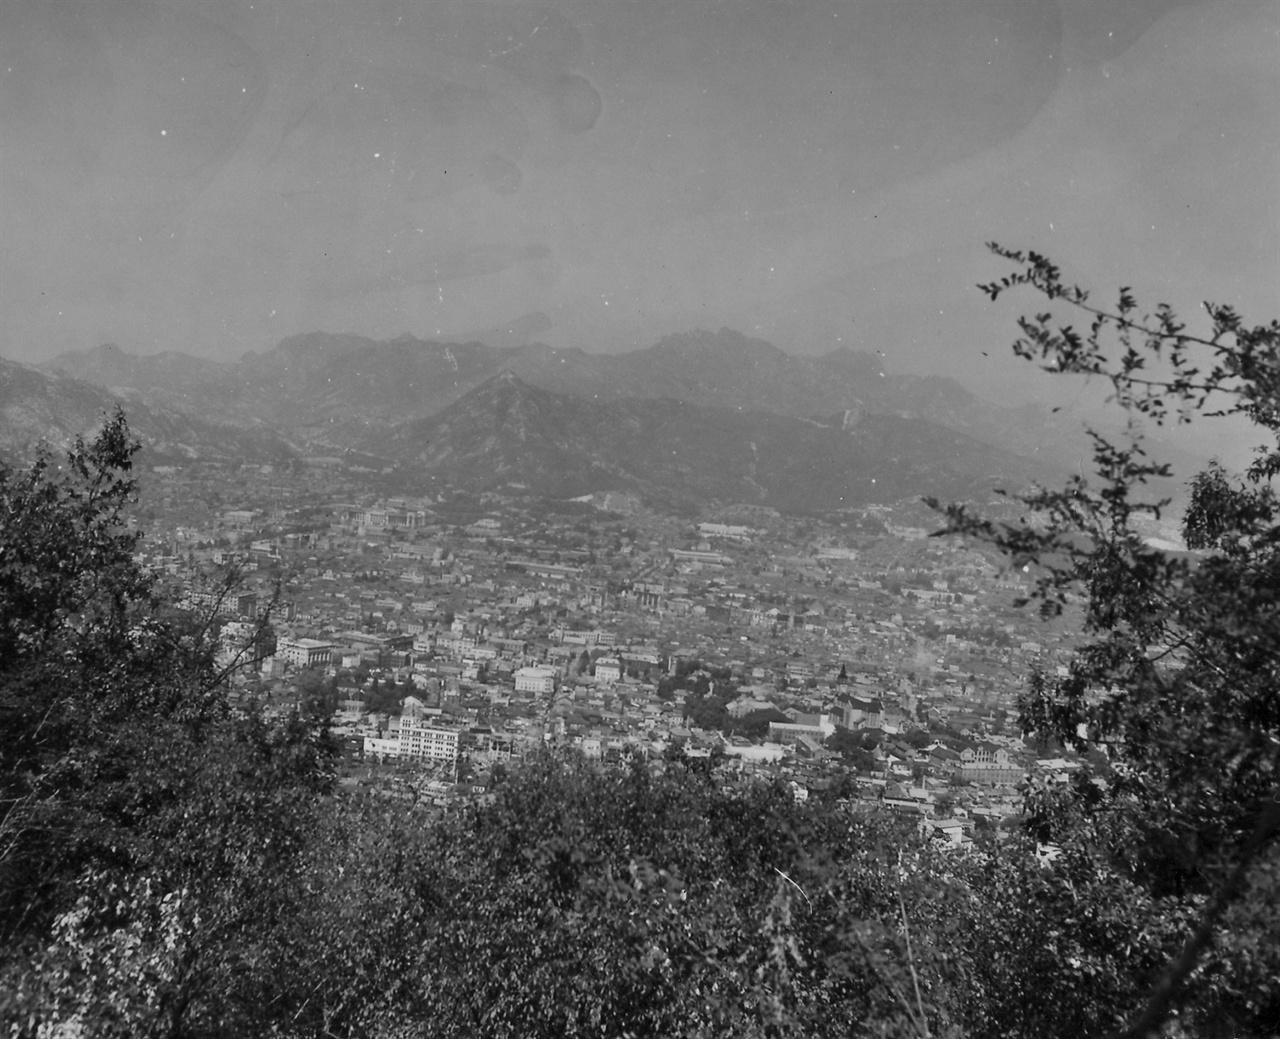 항공기에서 내려다 본 수복 후 서울 1 (1950. 10. 1.).